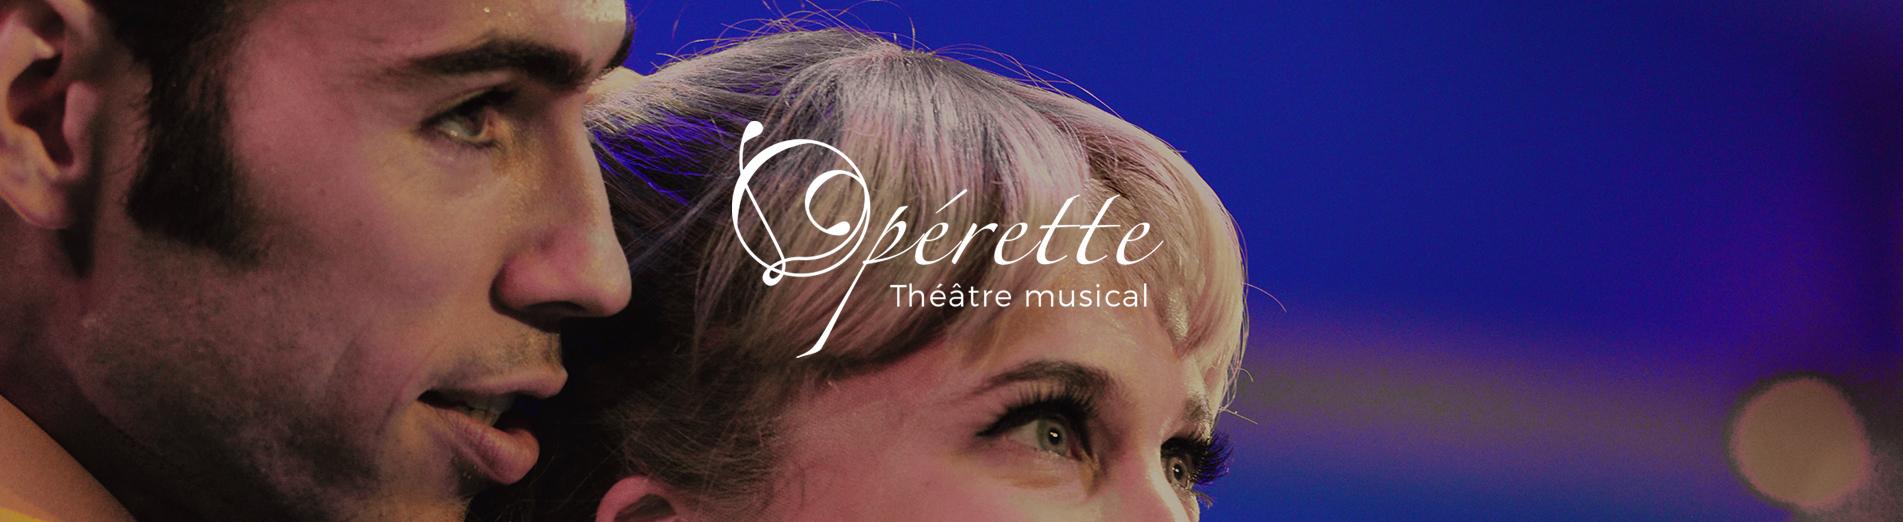 Opérette Théâtre Musical vous présente le spectacle Grease